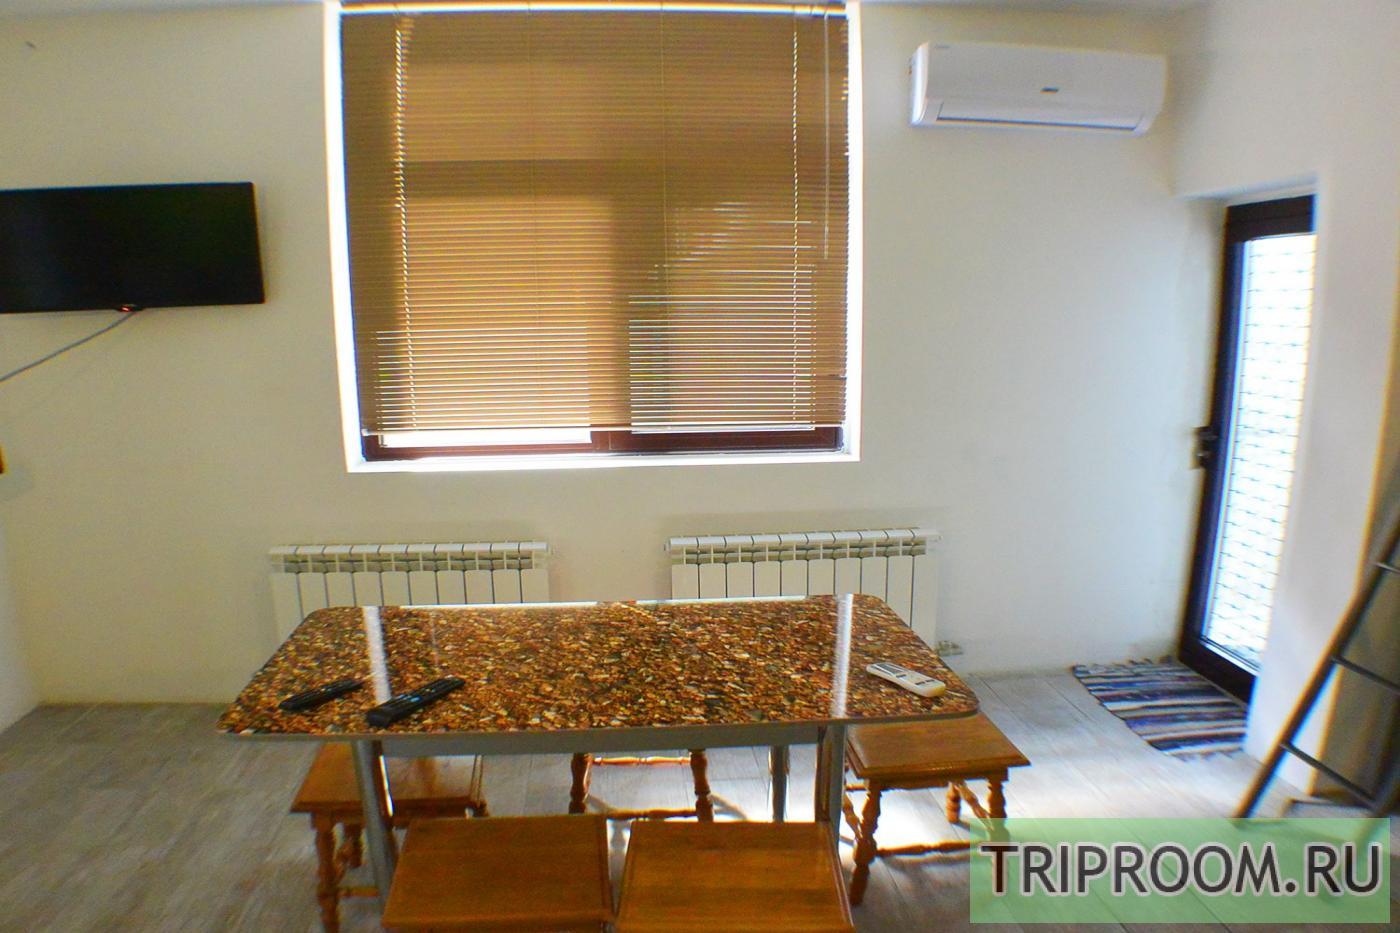 2-комнатная квартира посуточно (вариант № 26983), ул. 8-е марта улица, фото № 3